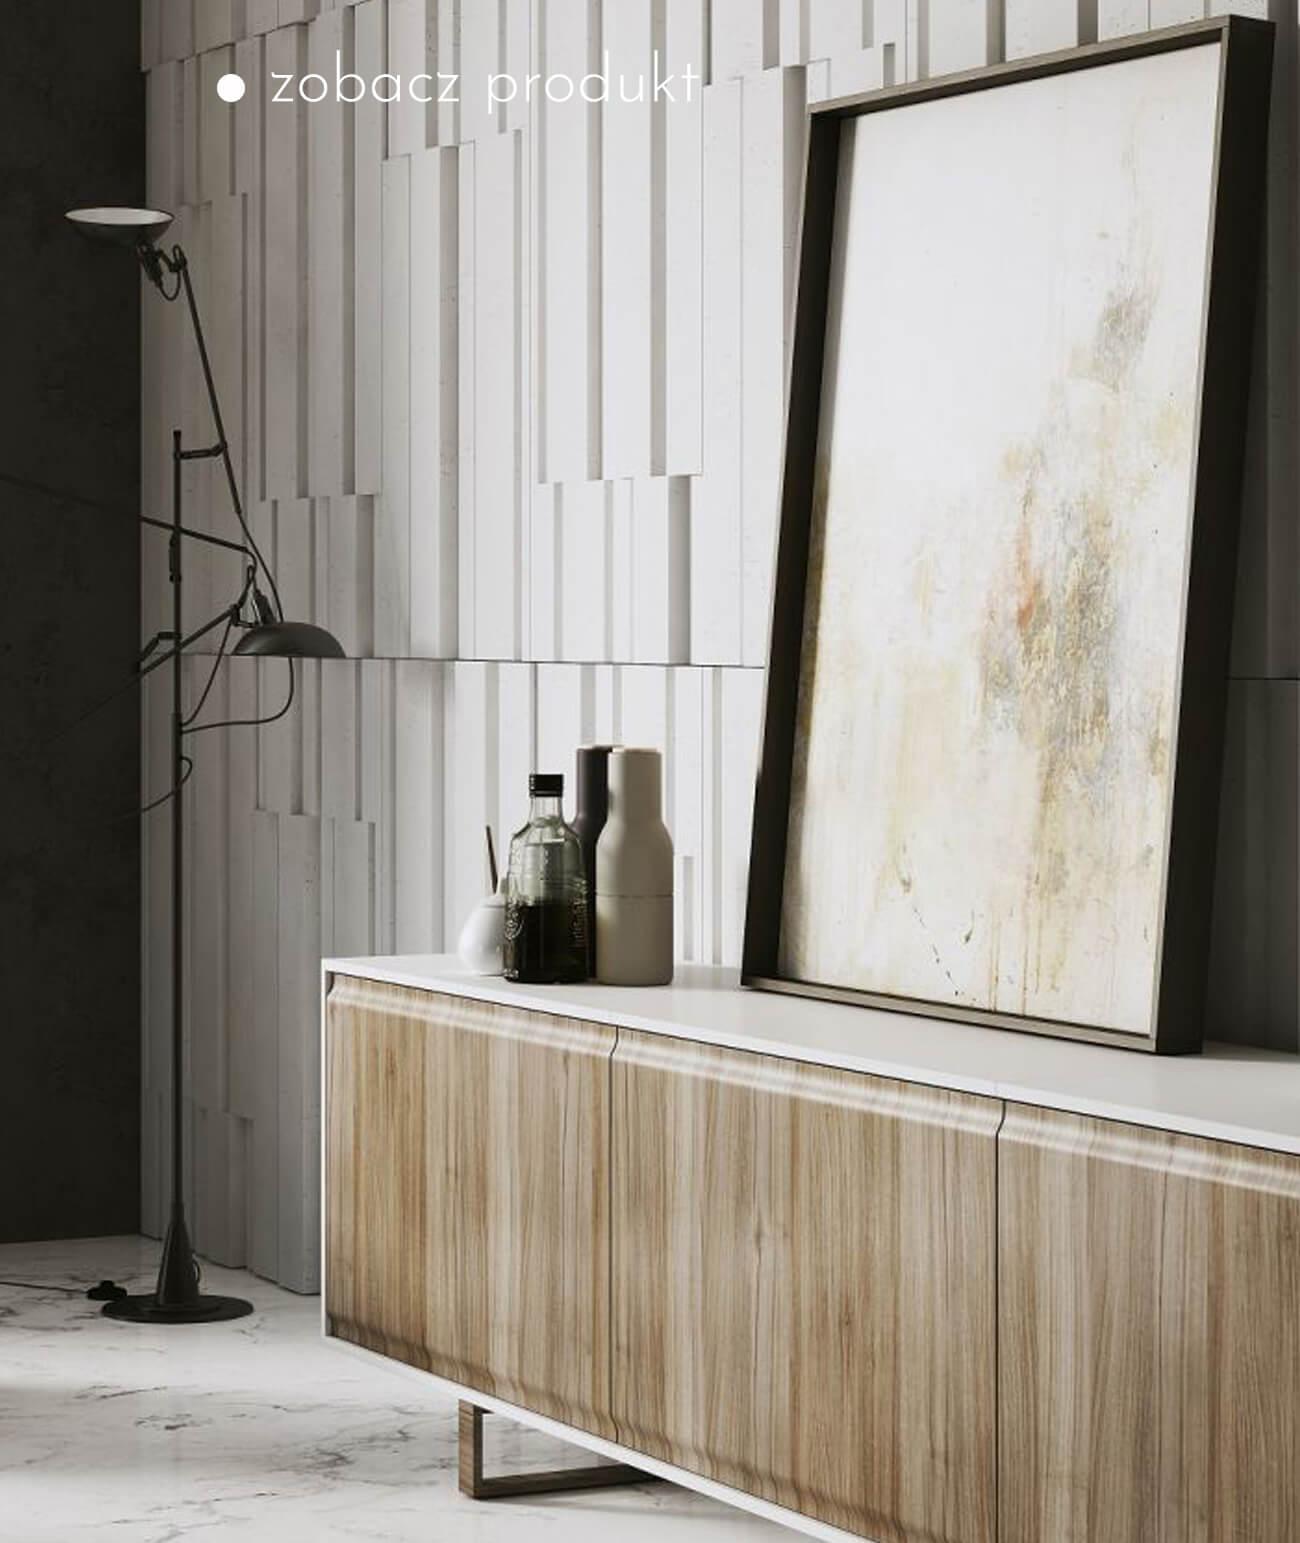 panele-betonowe-3d-scienne-i-elewacyjne-beton-architektoniczny_465-2476-pb13-bs-sniezno-bialy-kod---panel-dekor-3d-beton-architektoniczny-panel-scienny